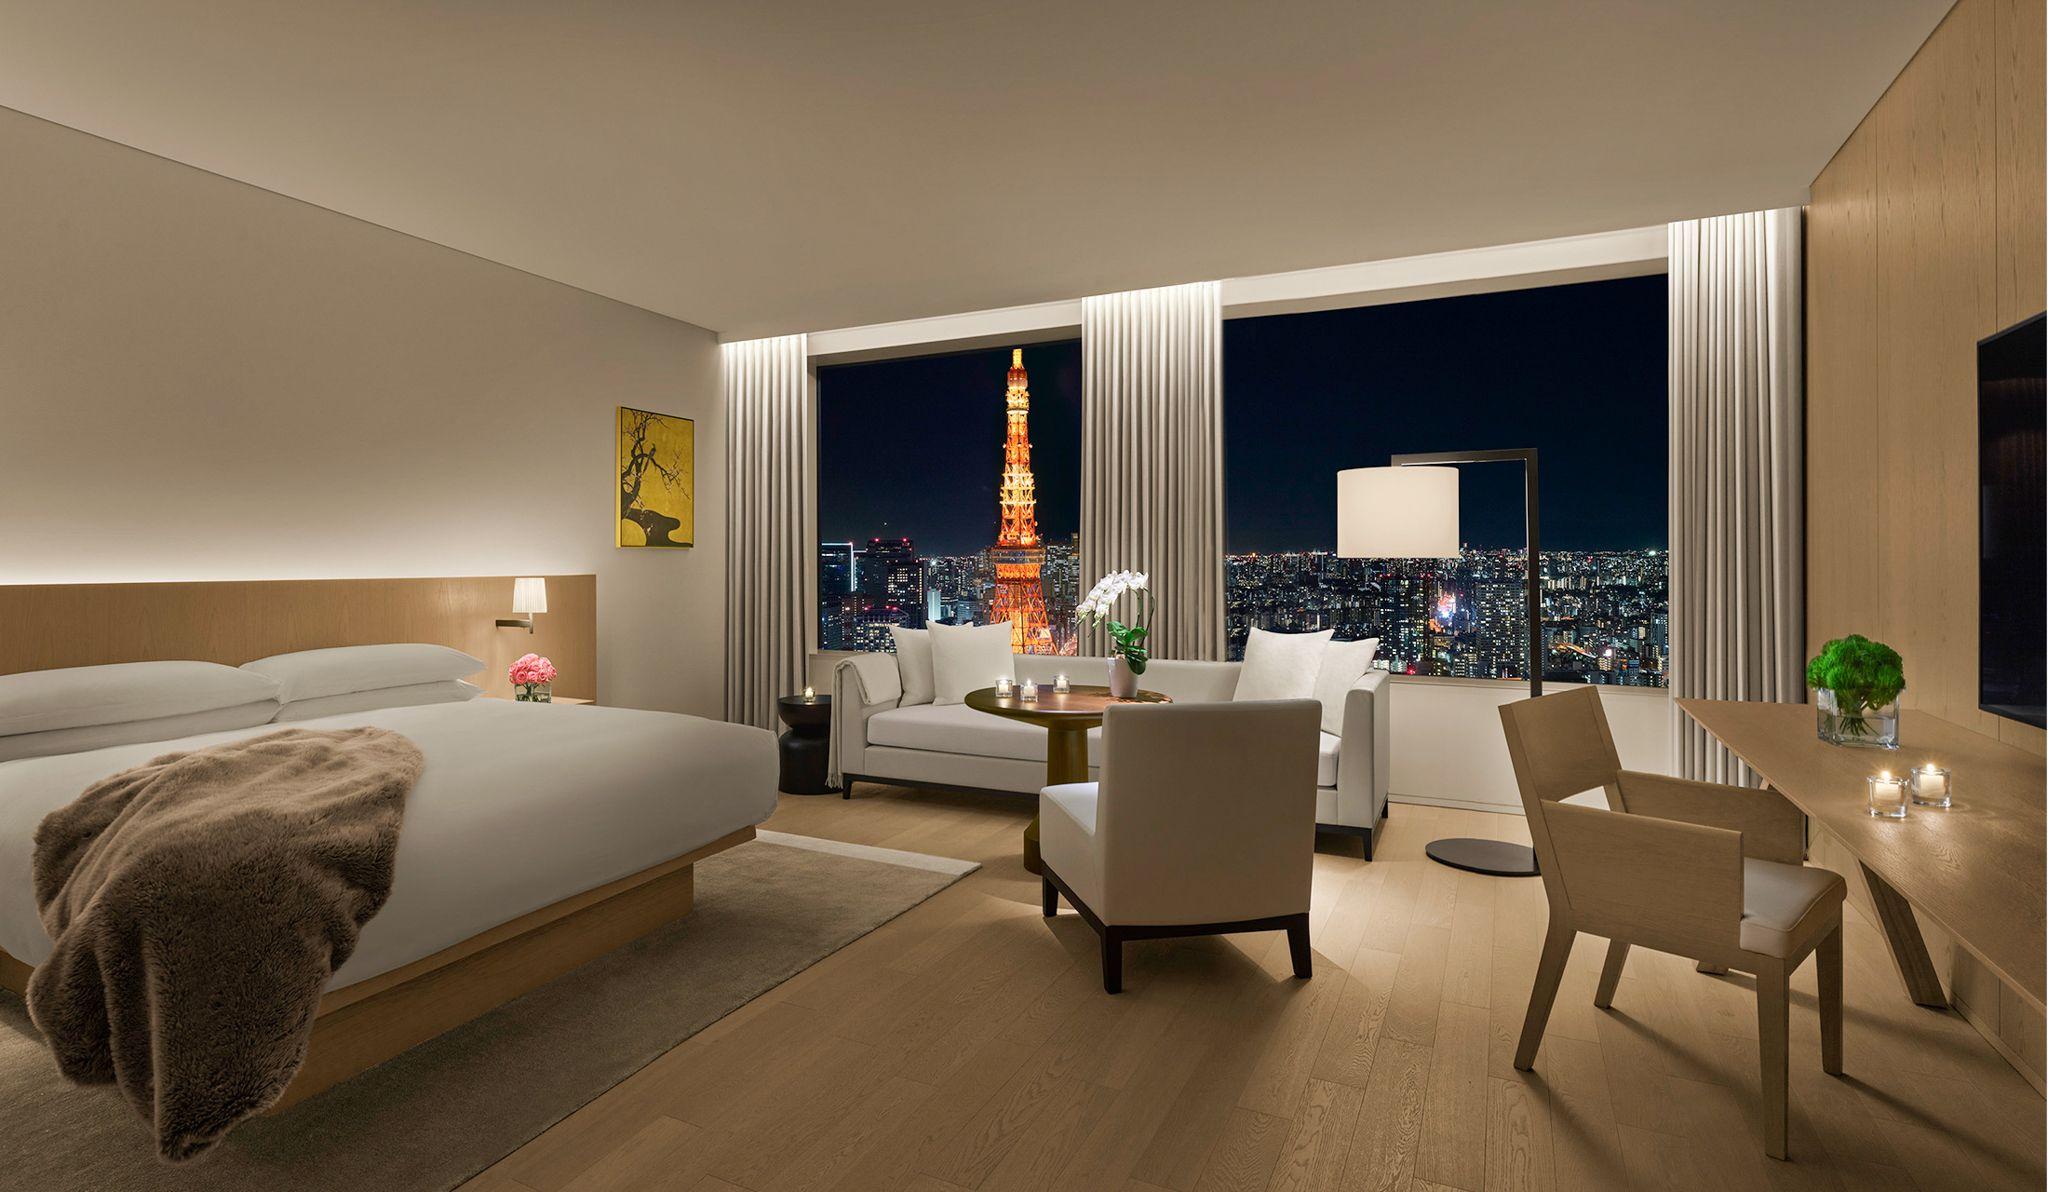 東京エディション虎ノ門の東京タワービューの部屋